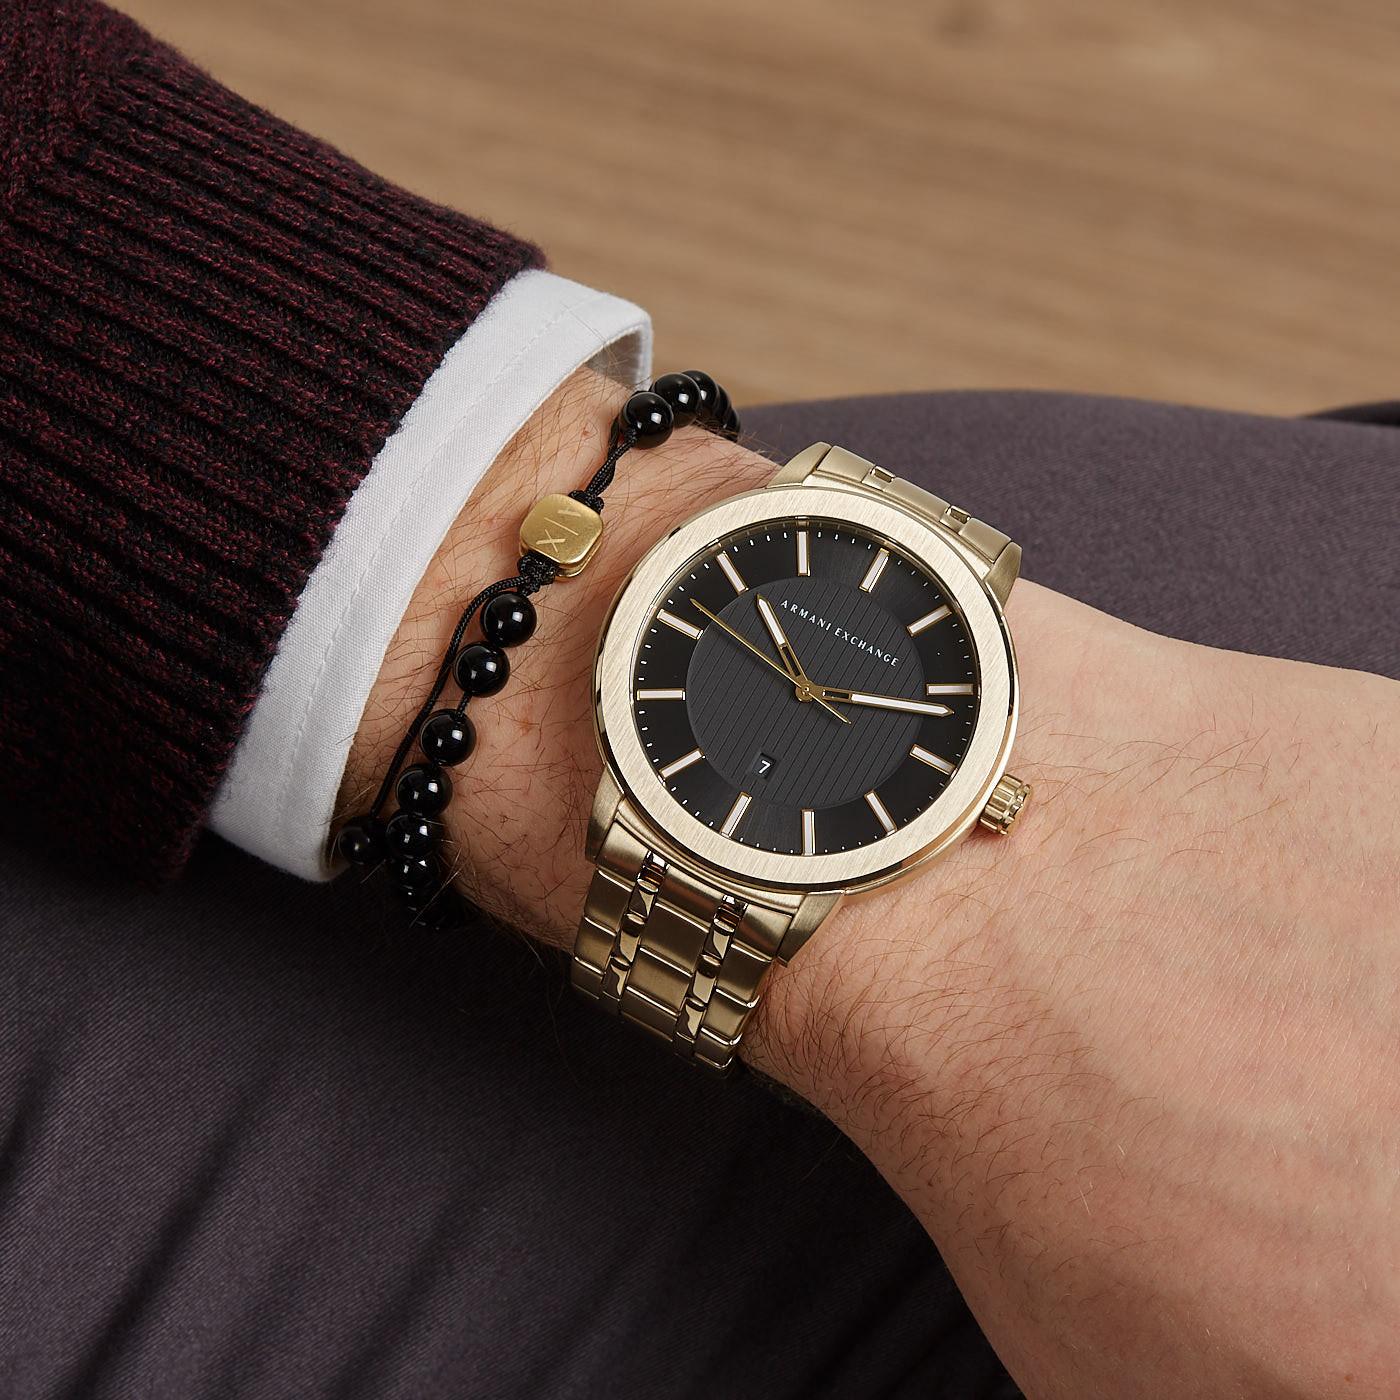 1827e3ad4c26 Armani Exchange Maddox reloj AX7108 - Relojes